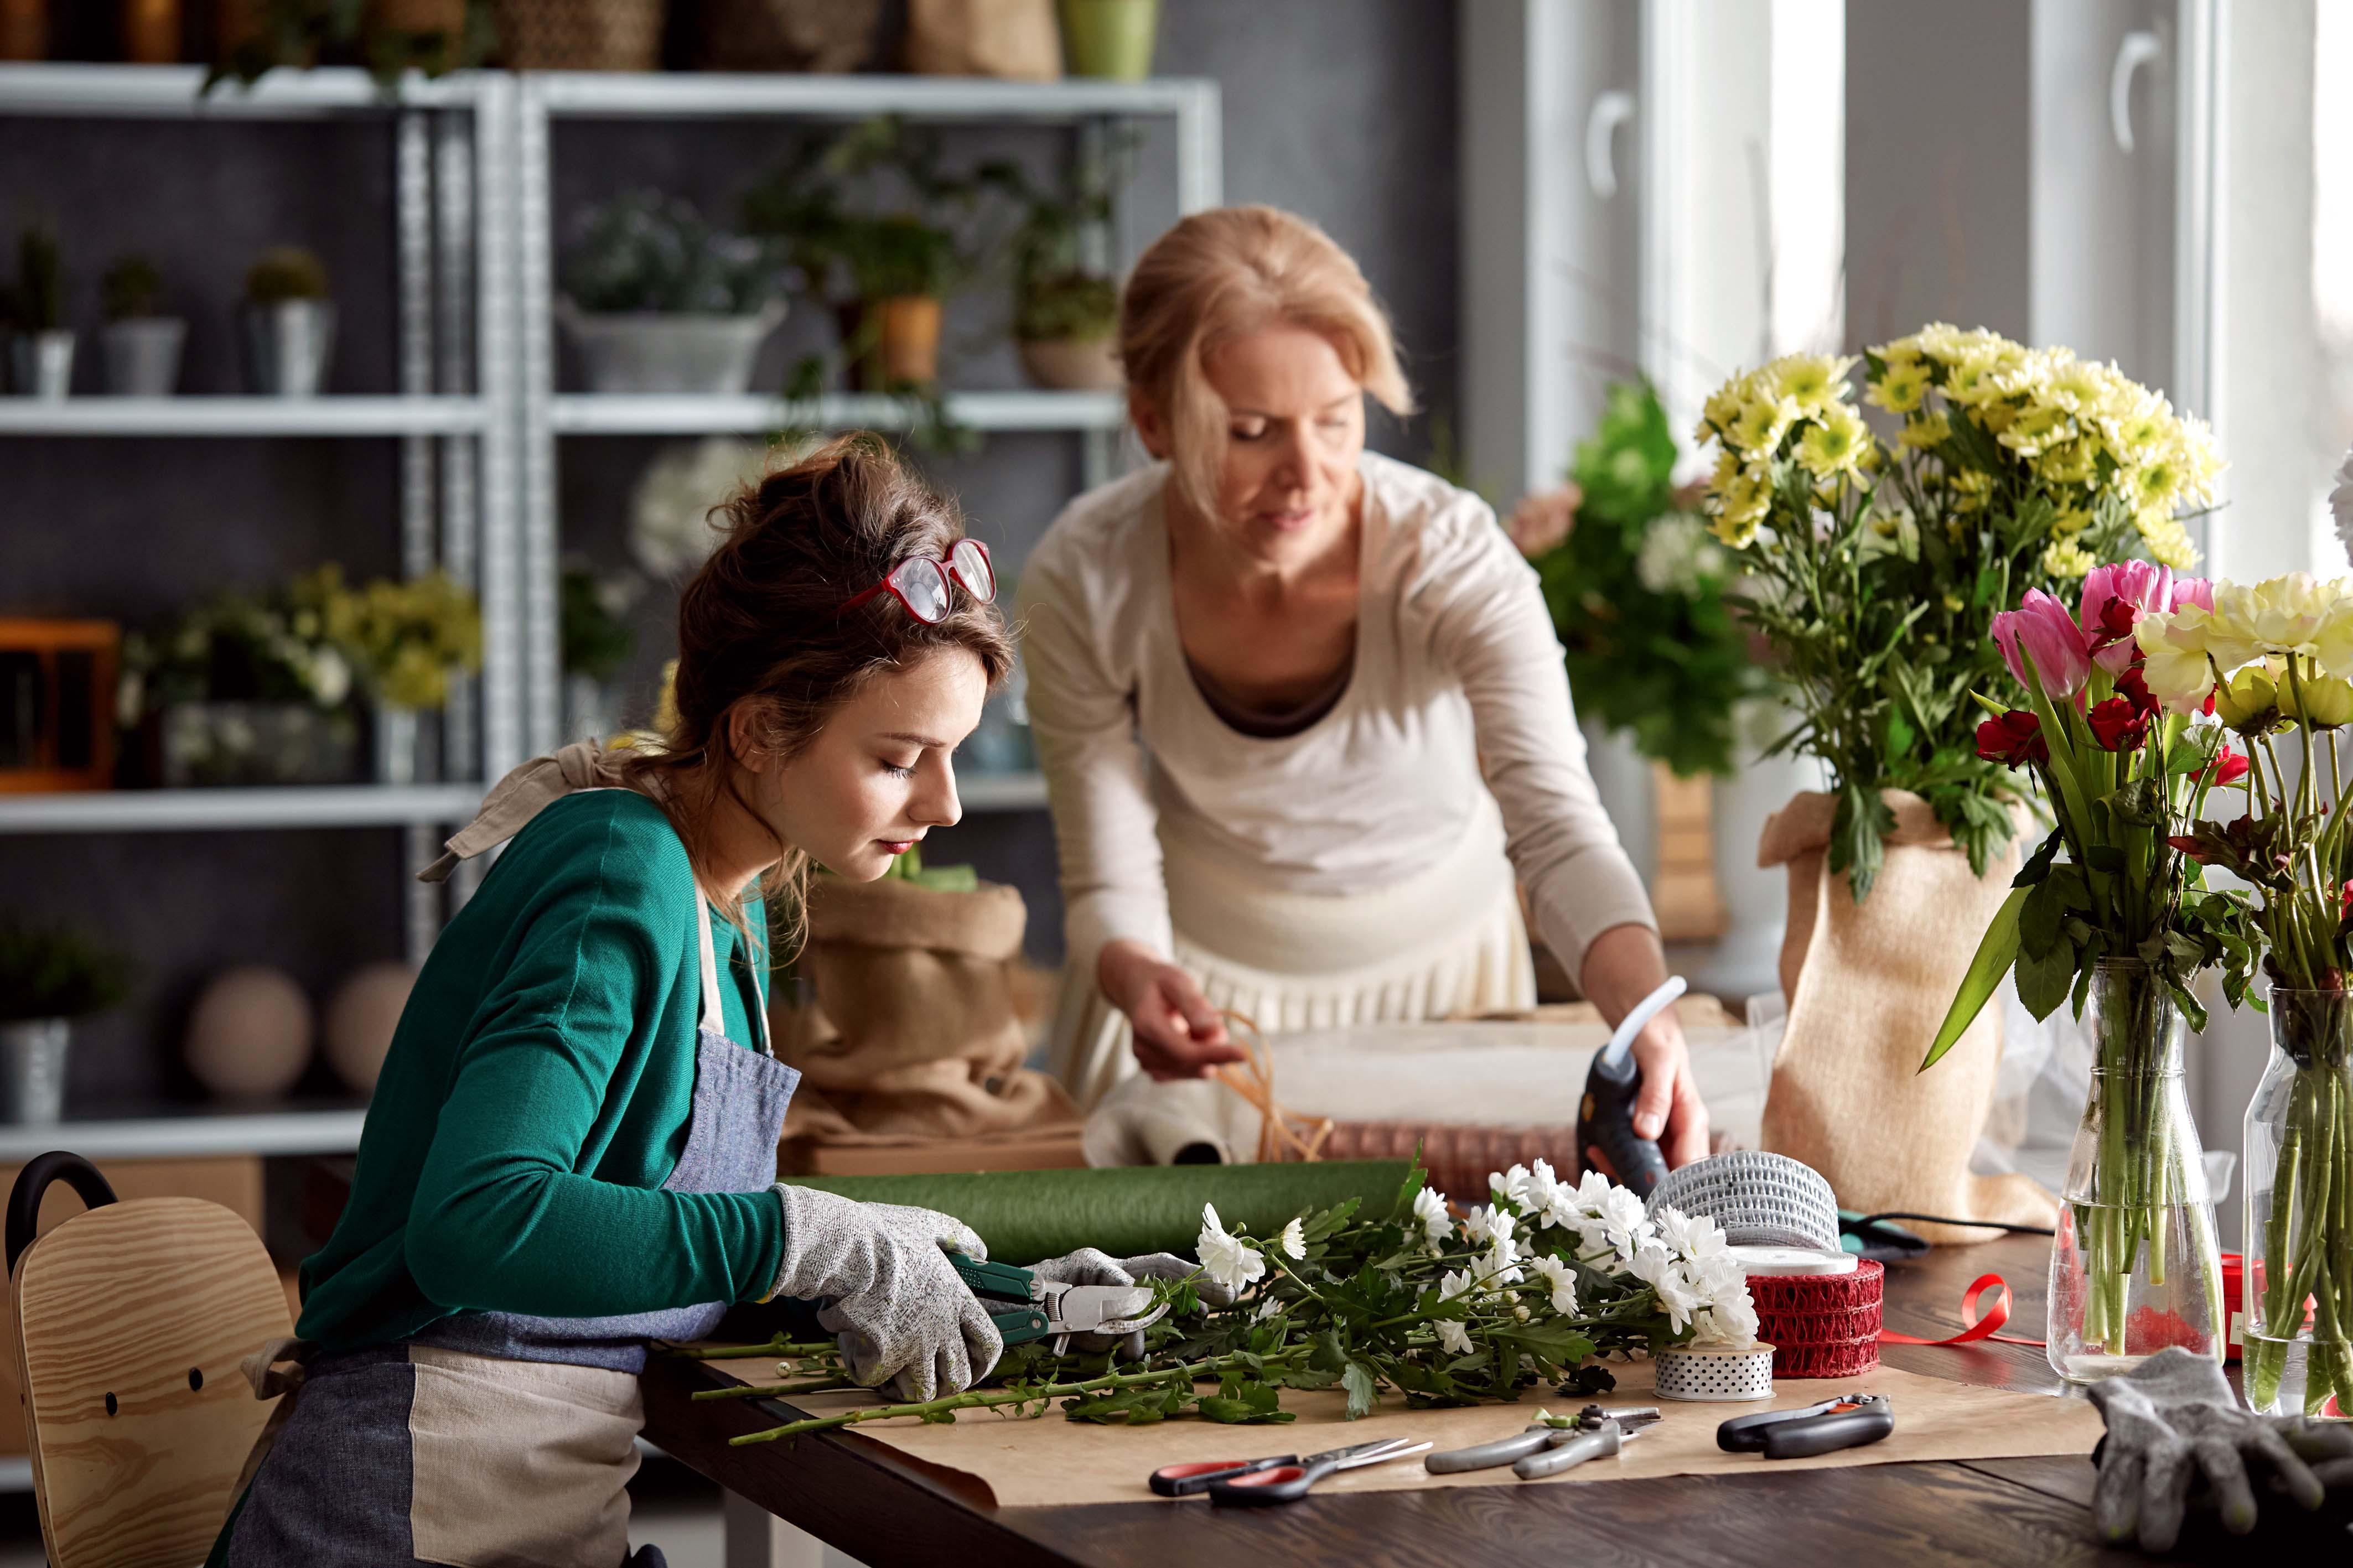 Mujeres arreglando ramo de flores